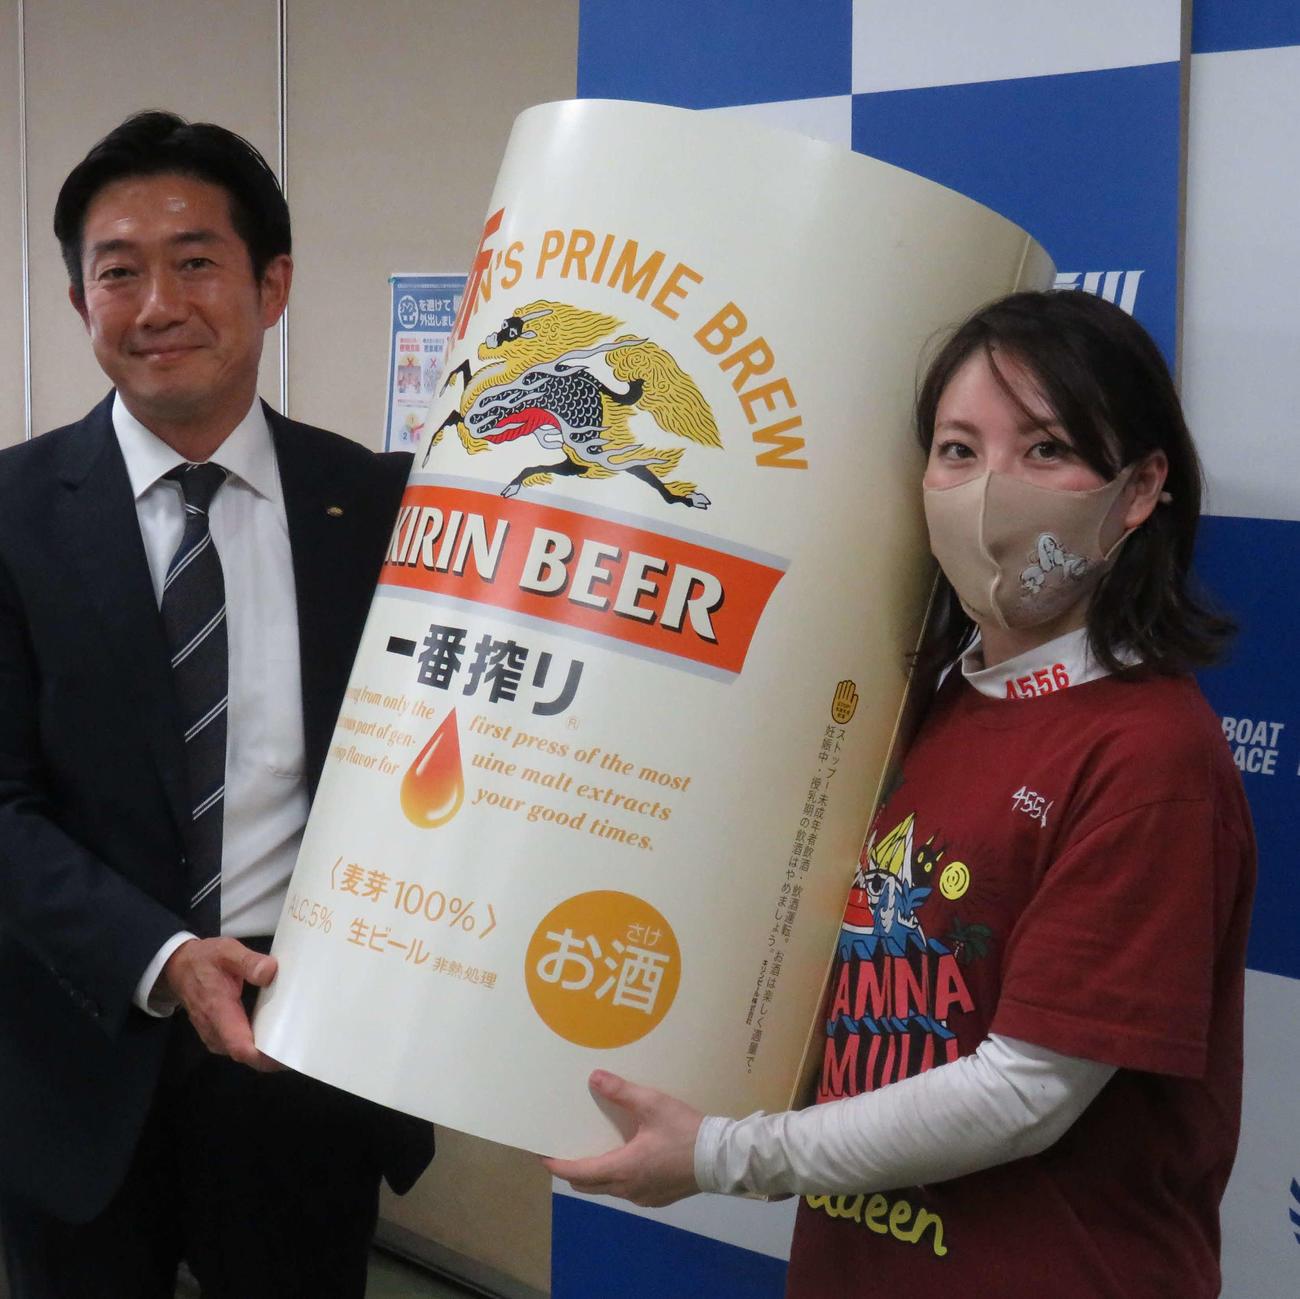 主催者より副賞のレプリカを贈られる竹井奈美